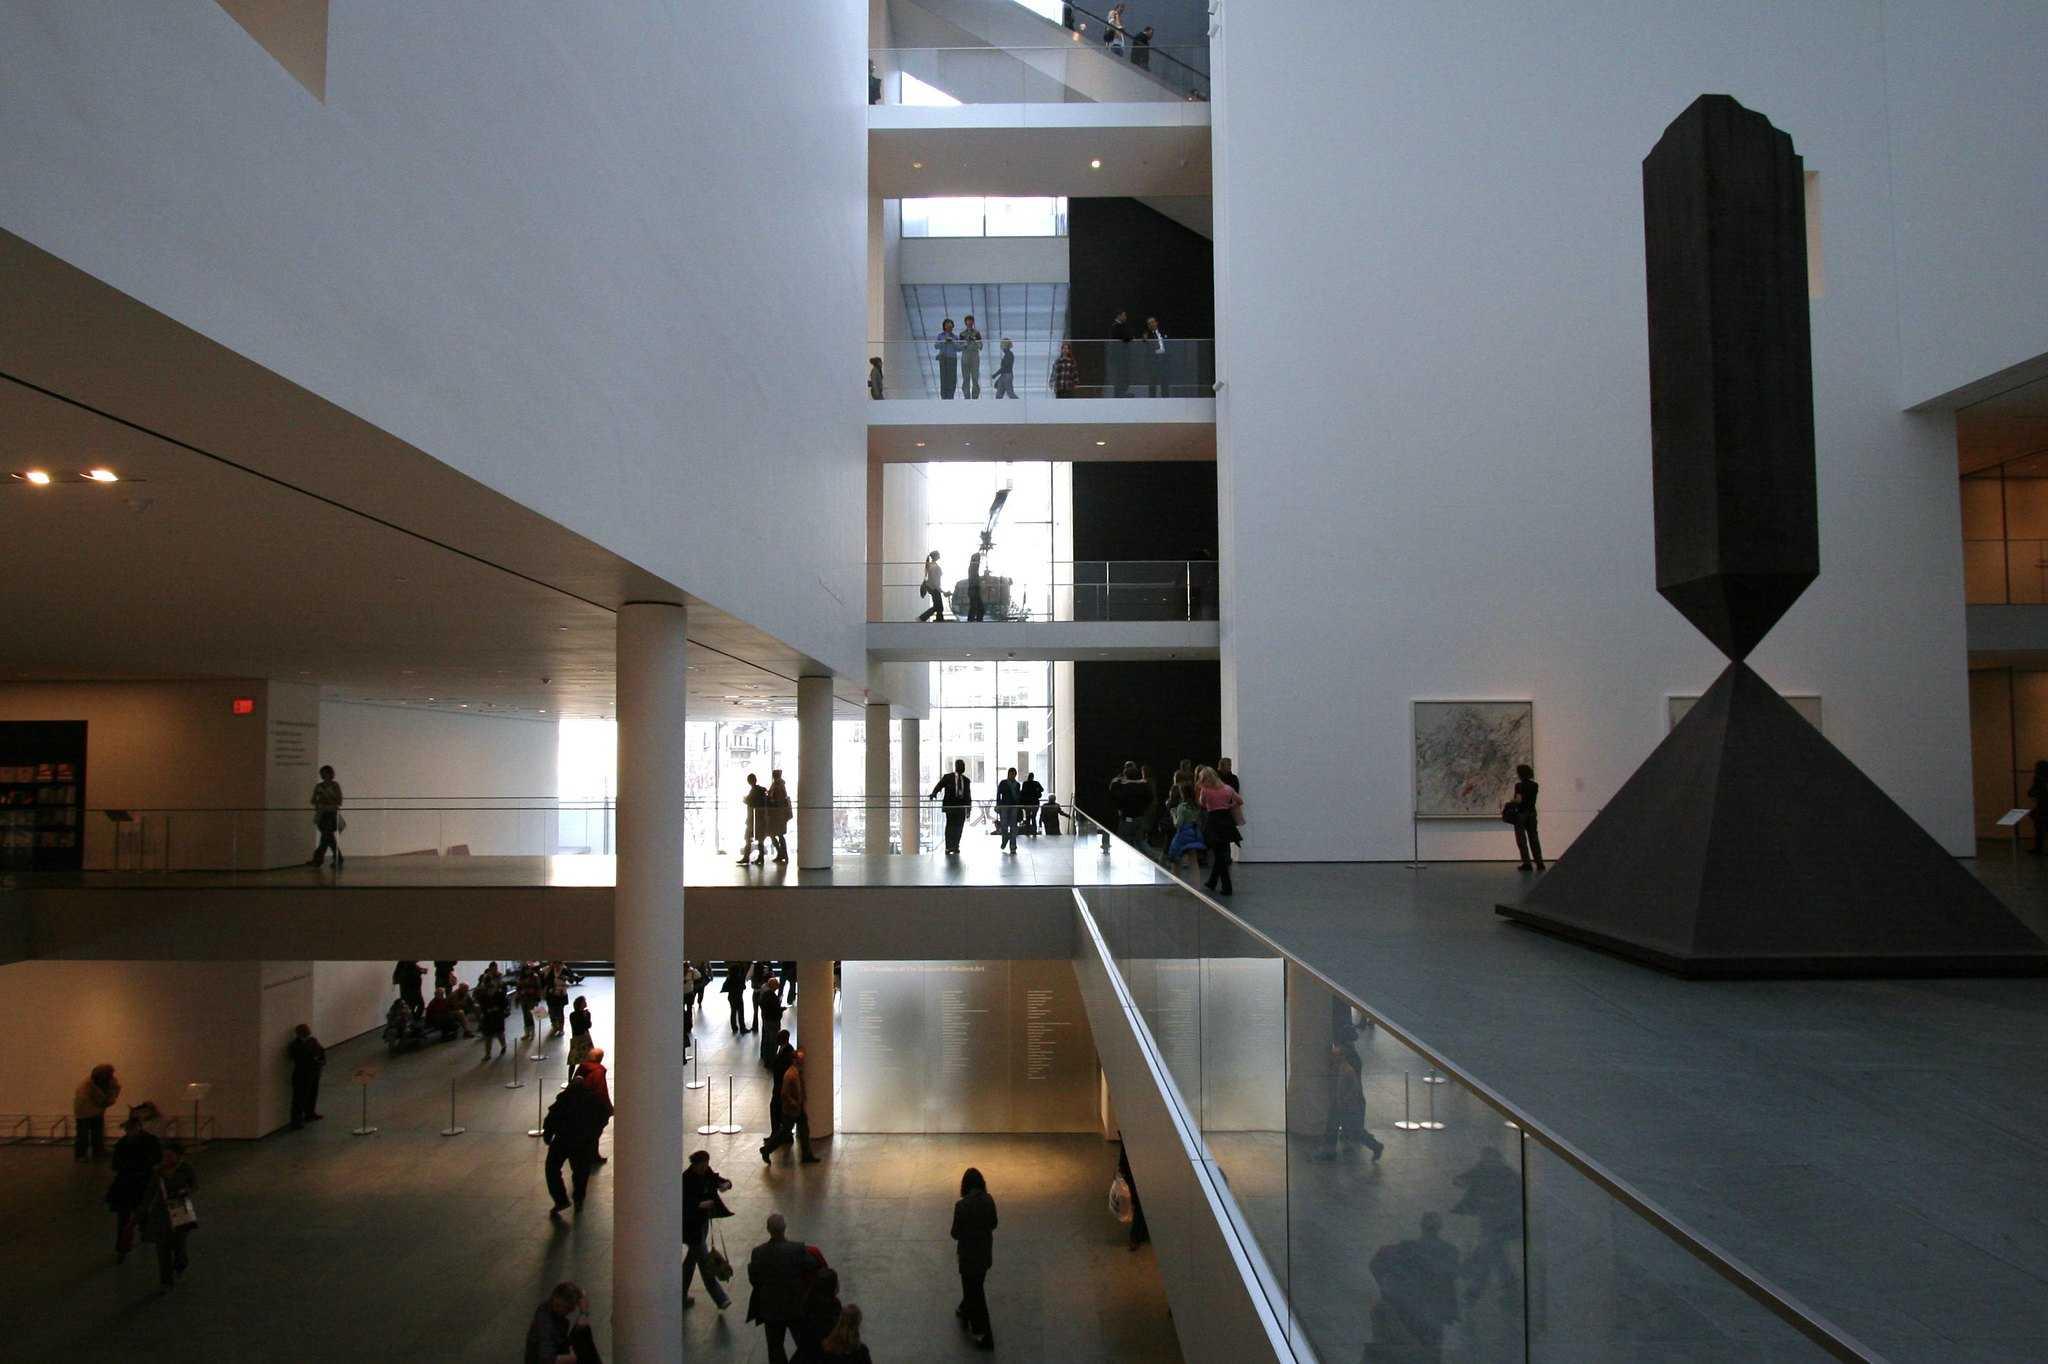 Музей современного искусства Нью Йорк - Museum of Modern Art